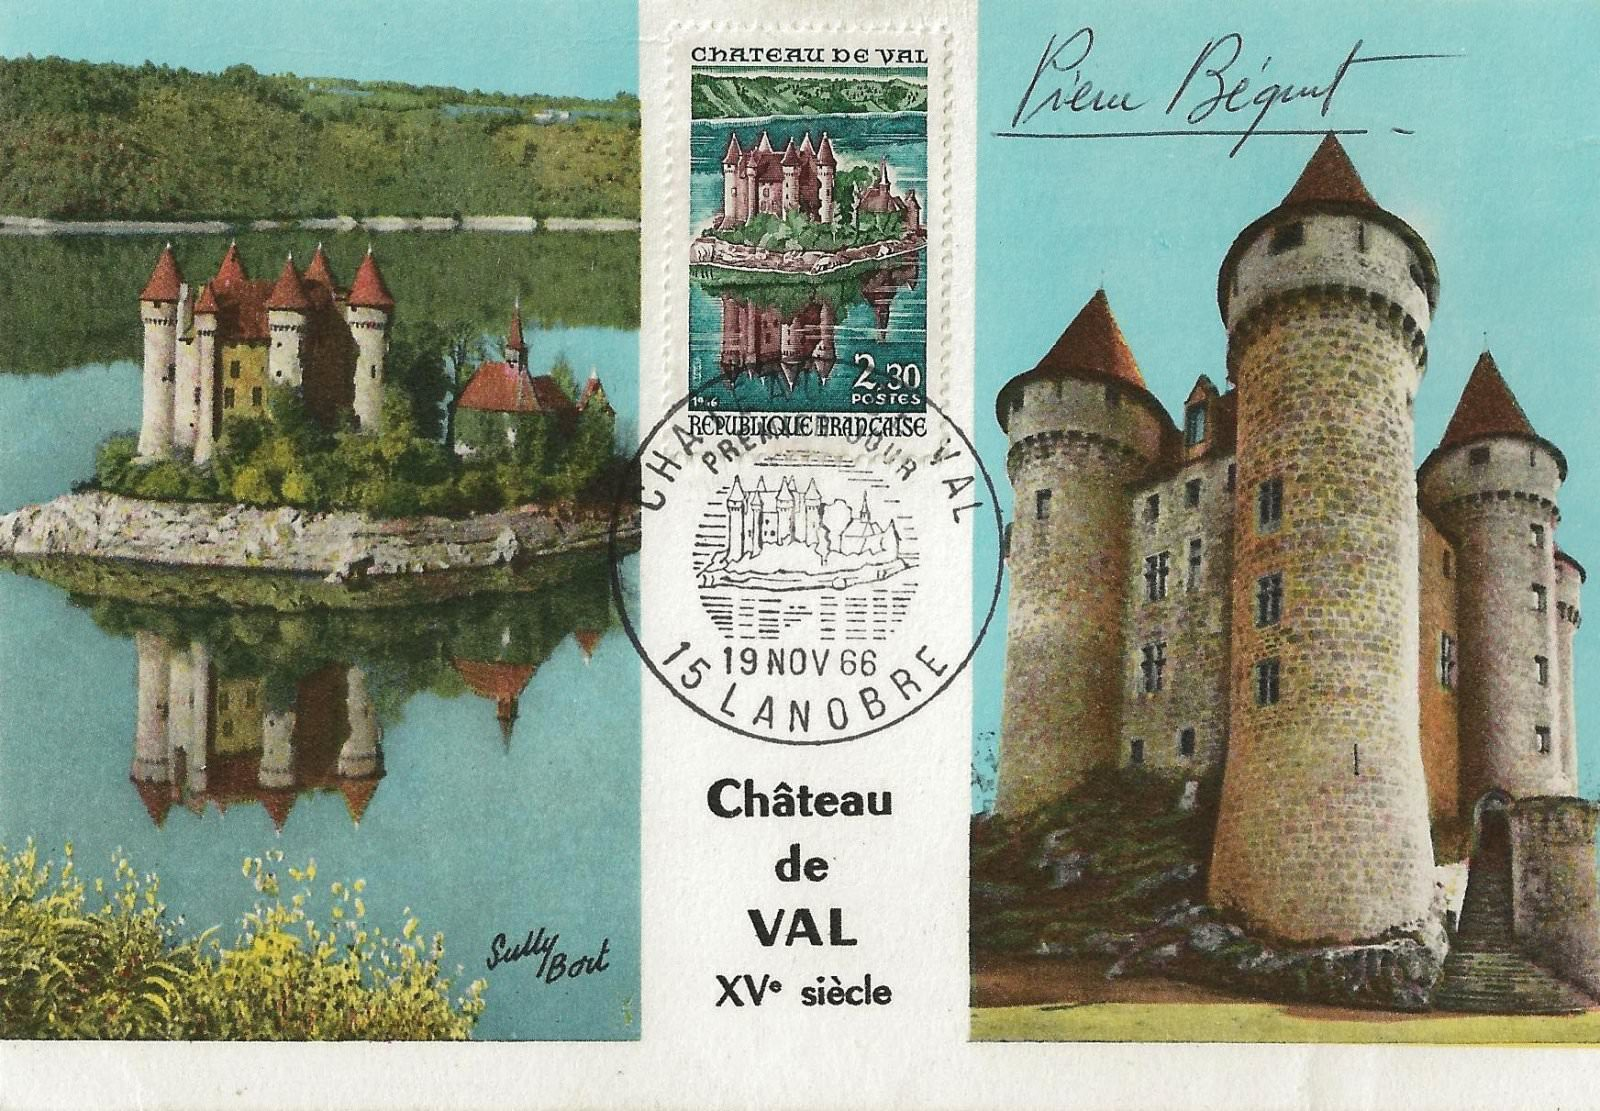 chateau de val 1966